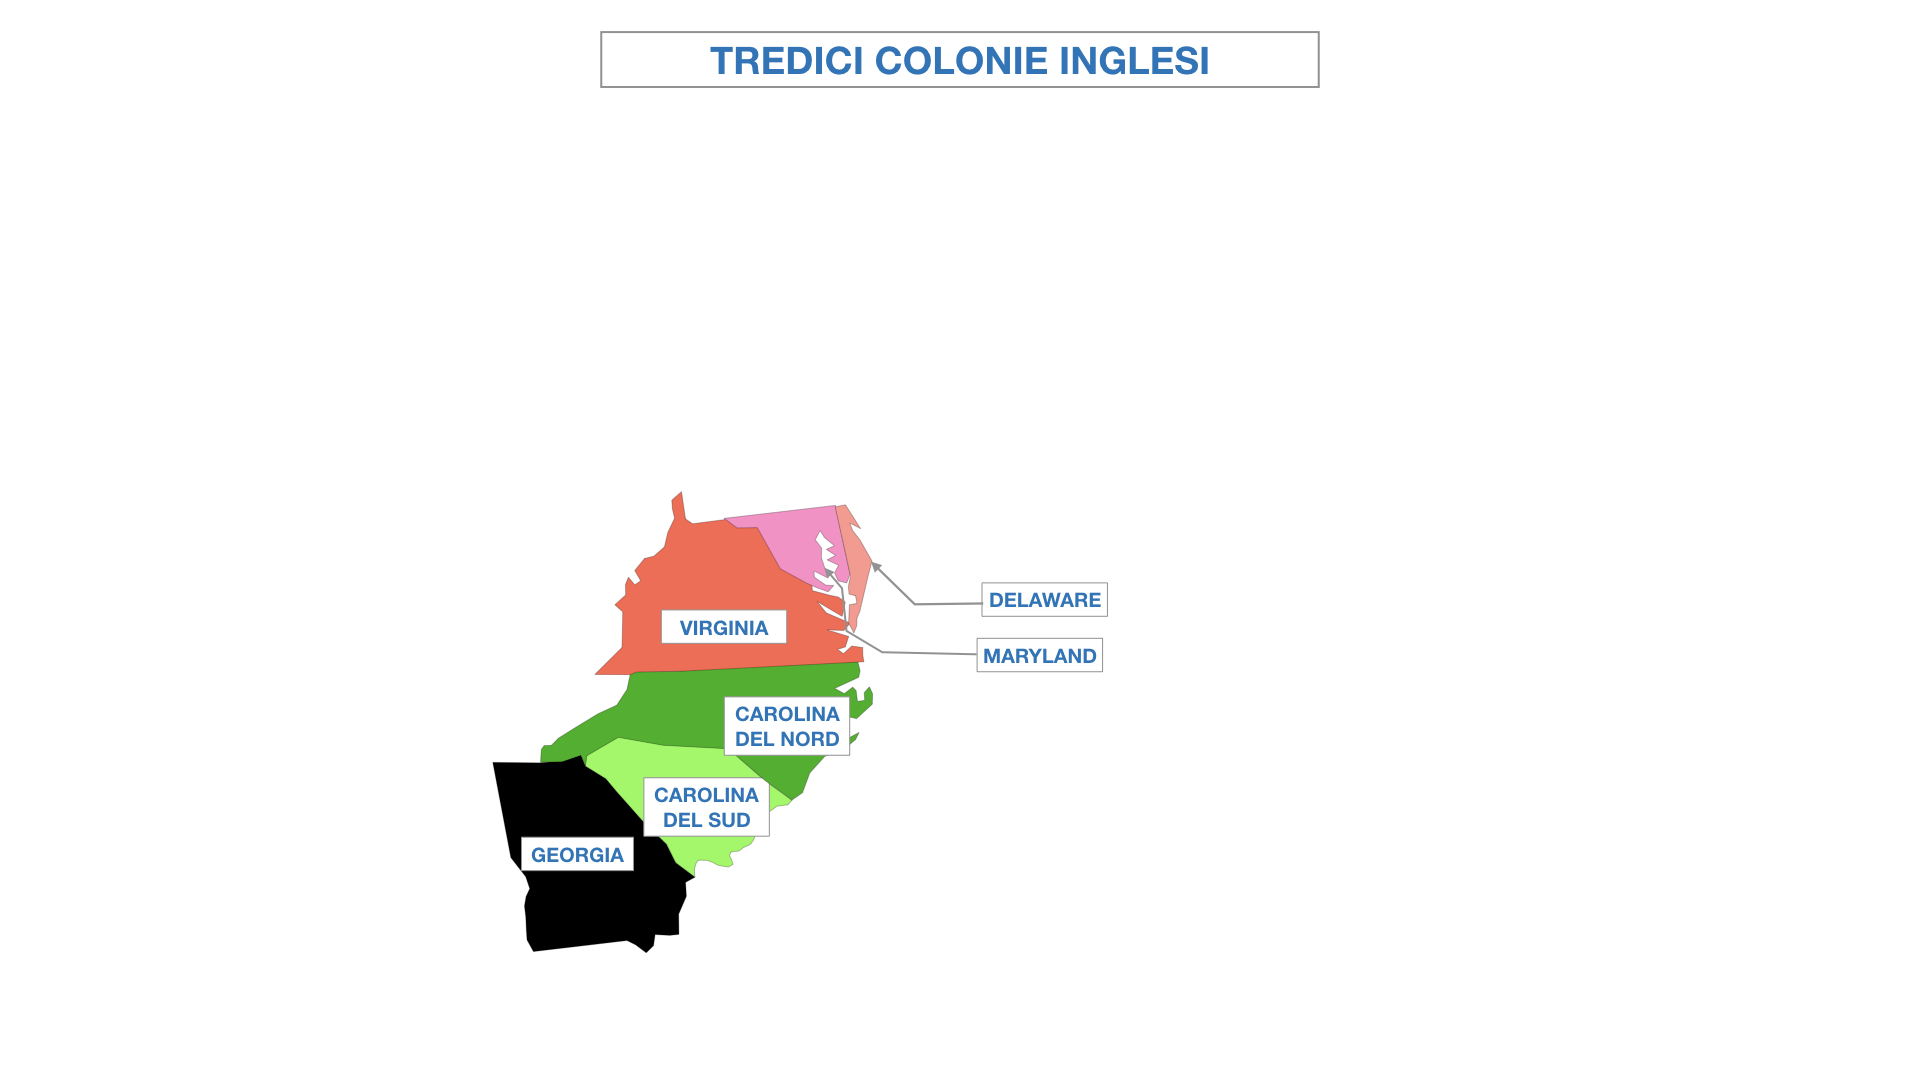 AMERICA LE TREDICI COLONIE INGLESI SIMULAZIONE.028